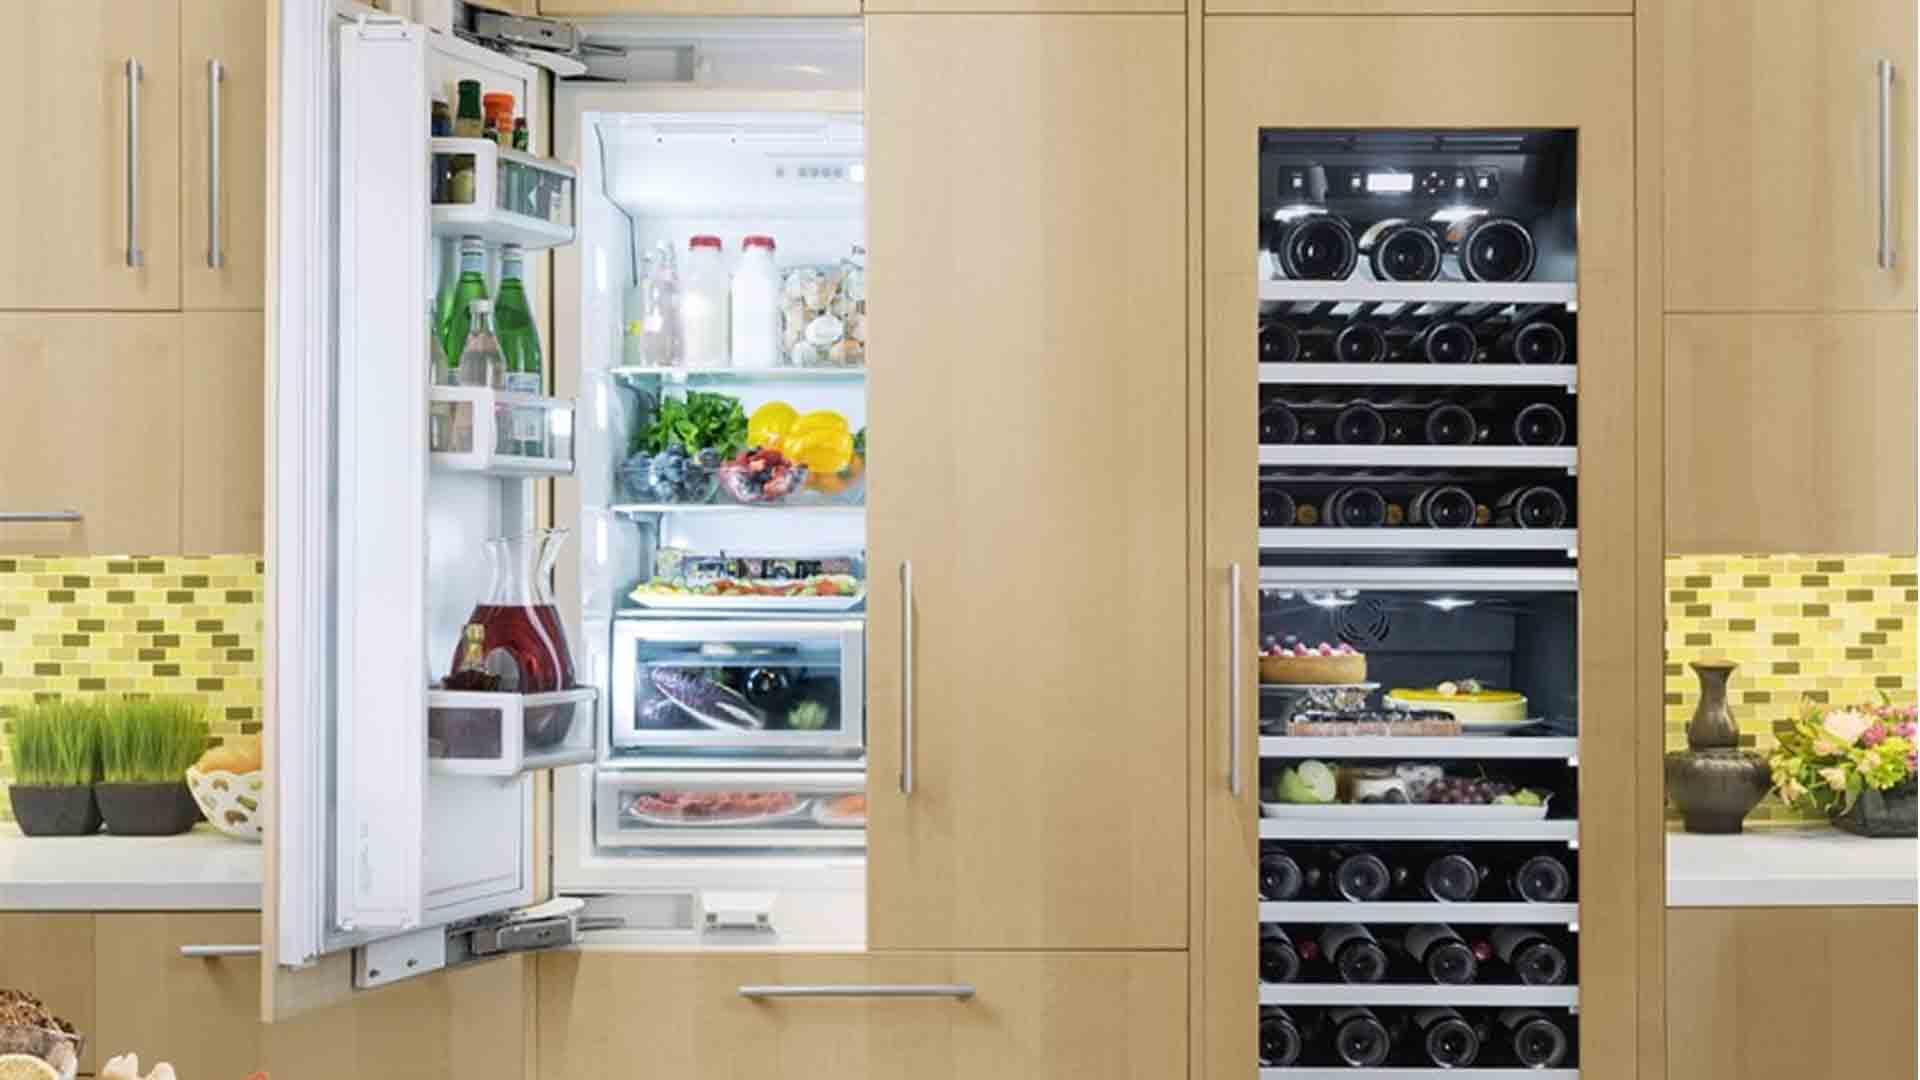 Thermador Wine Refrigerator Repair   Thermador Appliance Repair Pros